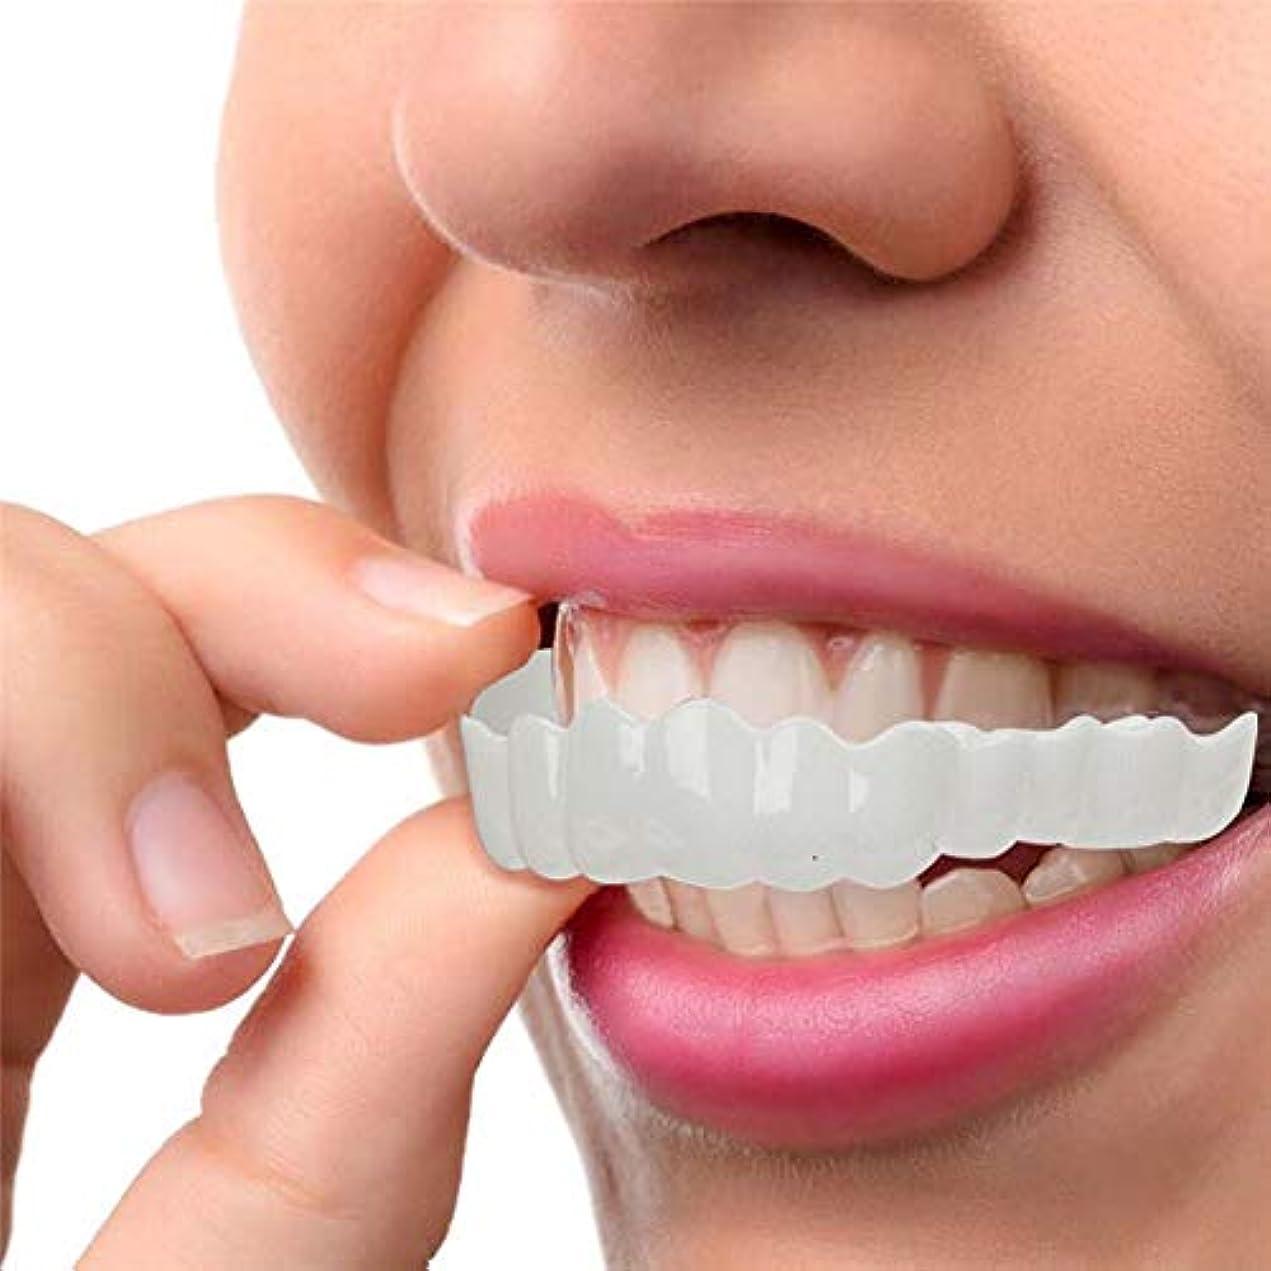 病院マントルオン2セット、白い歯をきれいにするコンフォートフィットフレックス歯ソケット、化粧用歯、超快適、快適フィット、